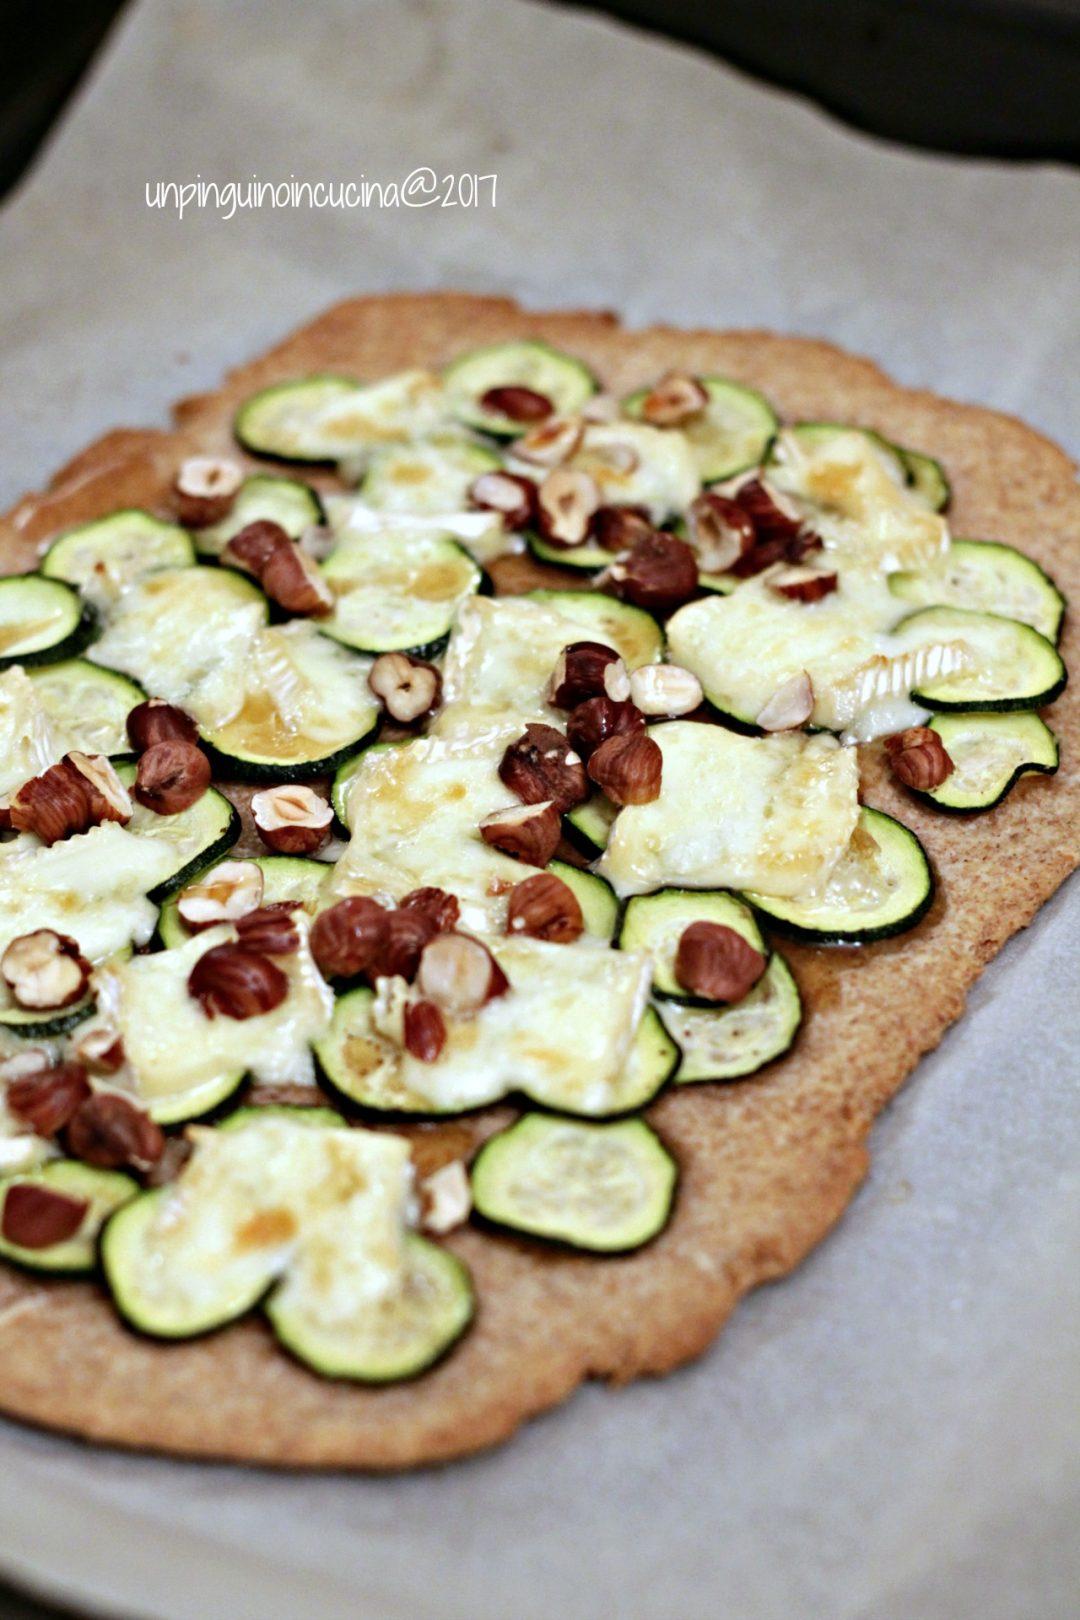 schiacciata-rustica-con-zucchine-brie-e-nocciole